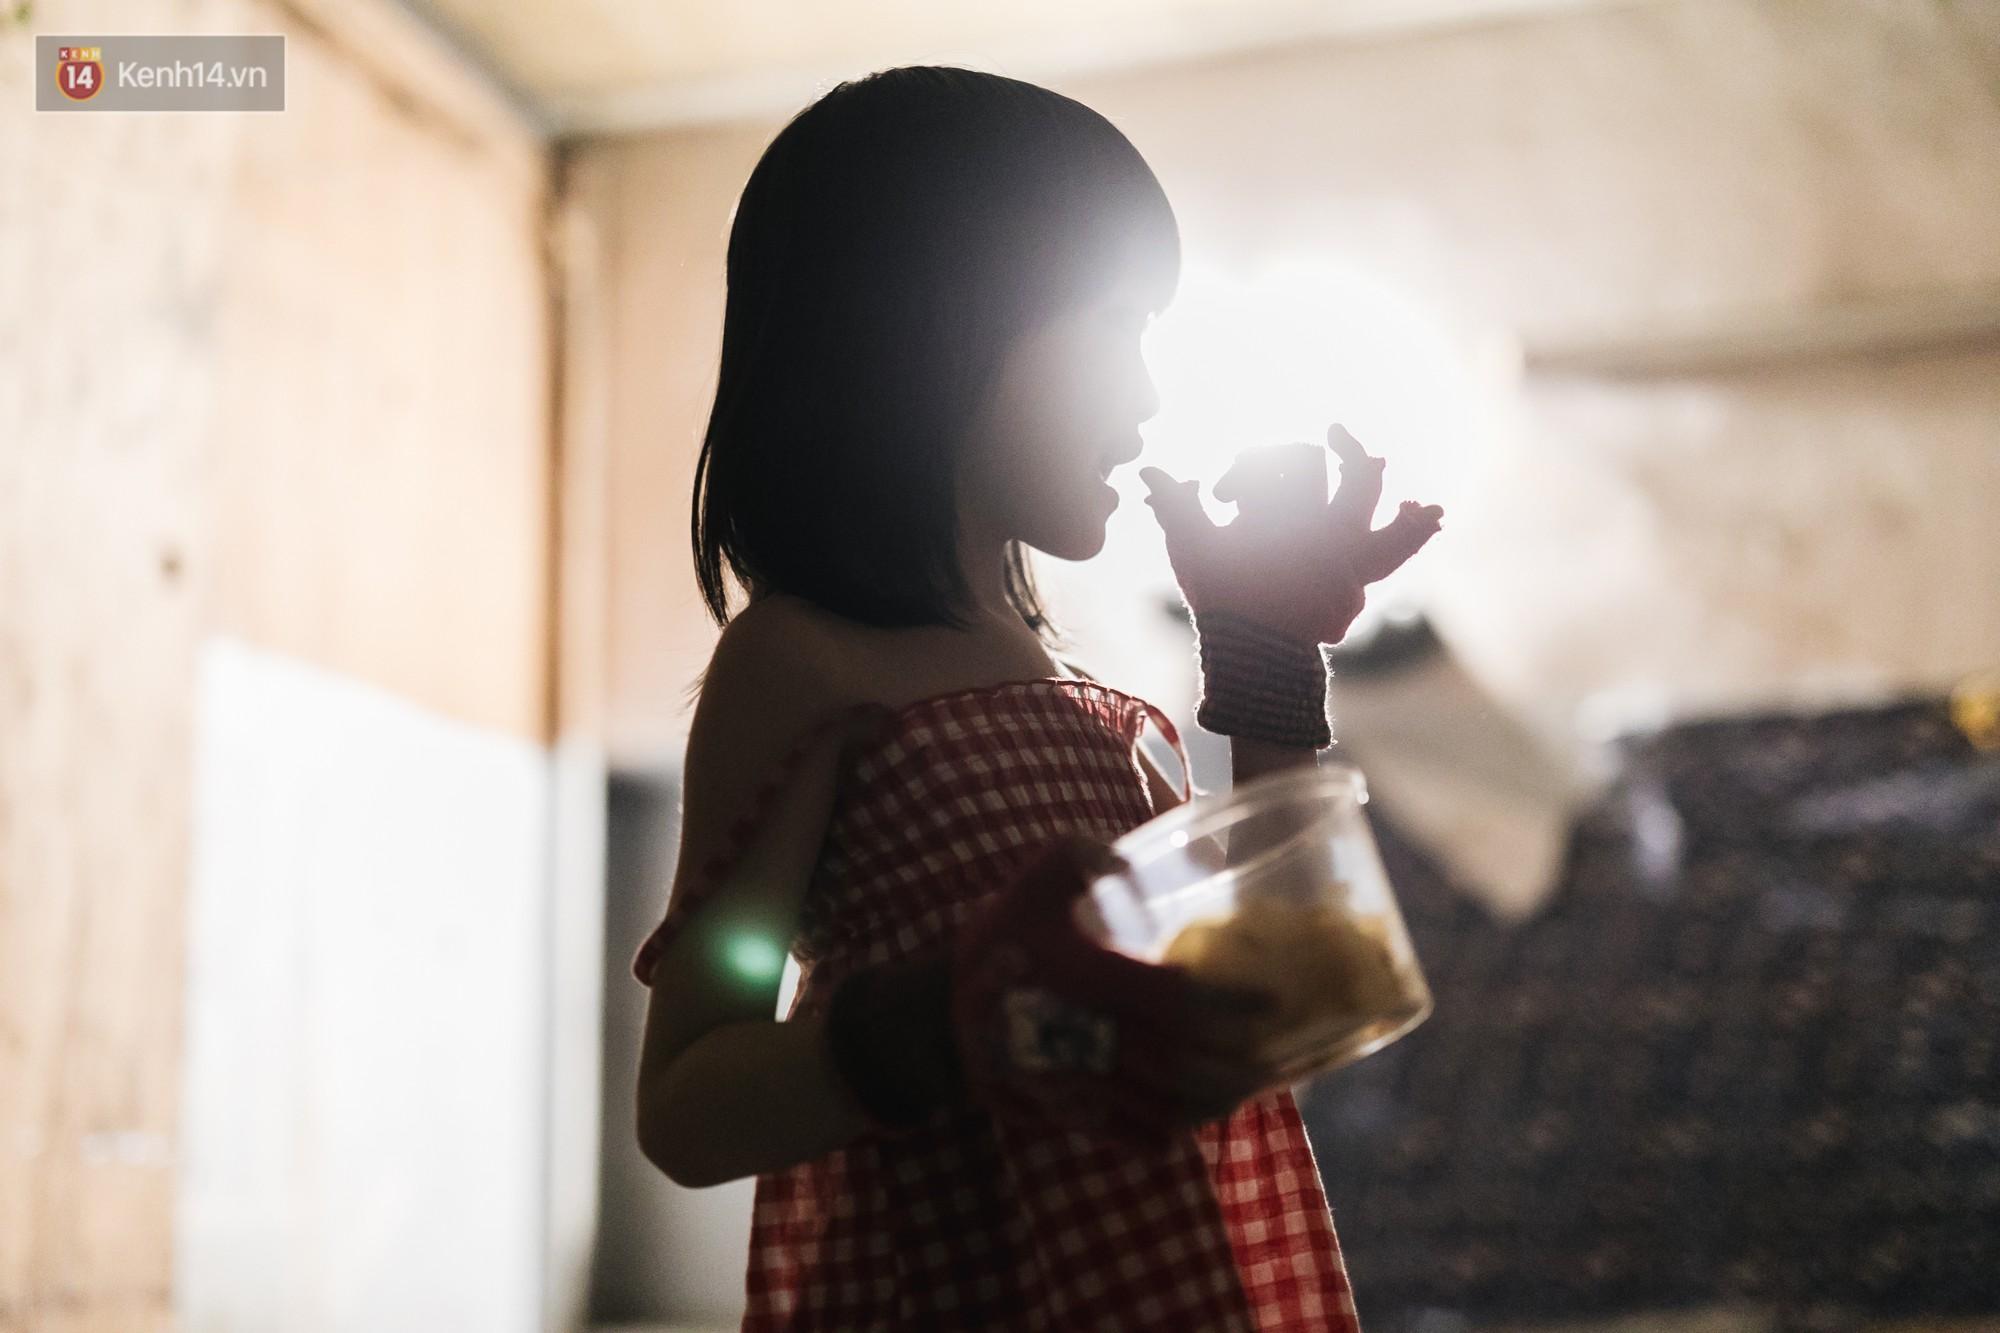 Bất ngờ nổi tiếng sau 1 đêm, bé gái 6 tuổi phối đồ chất ở Hà Nội trở về những ngày lang thang bán hàng rong cùng mẹ-5